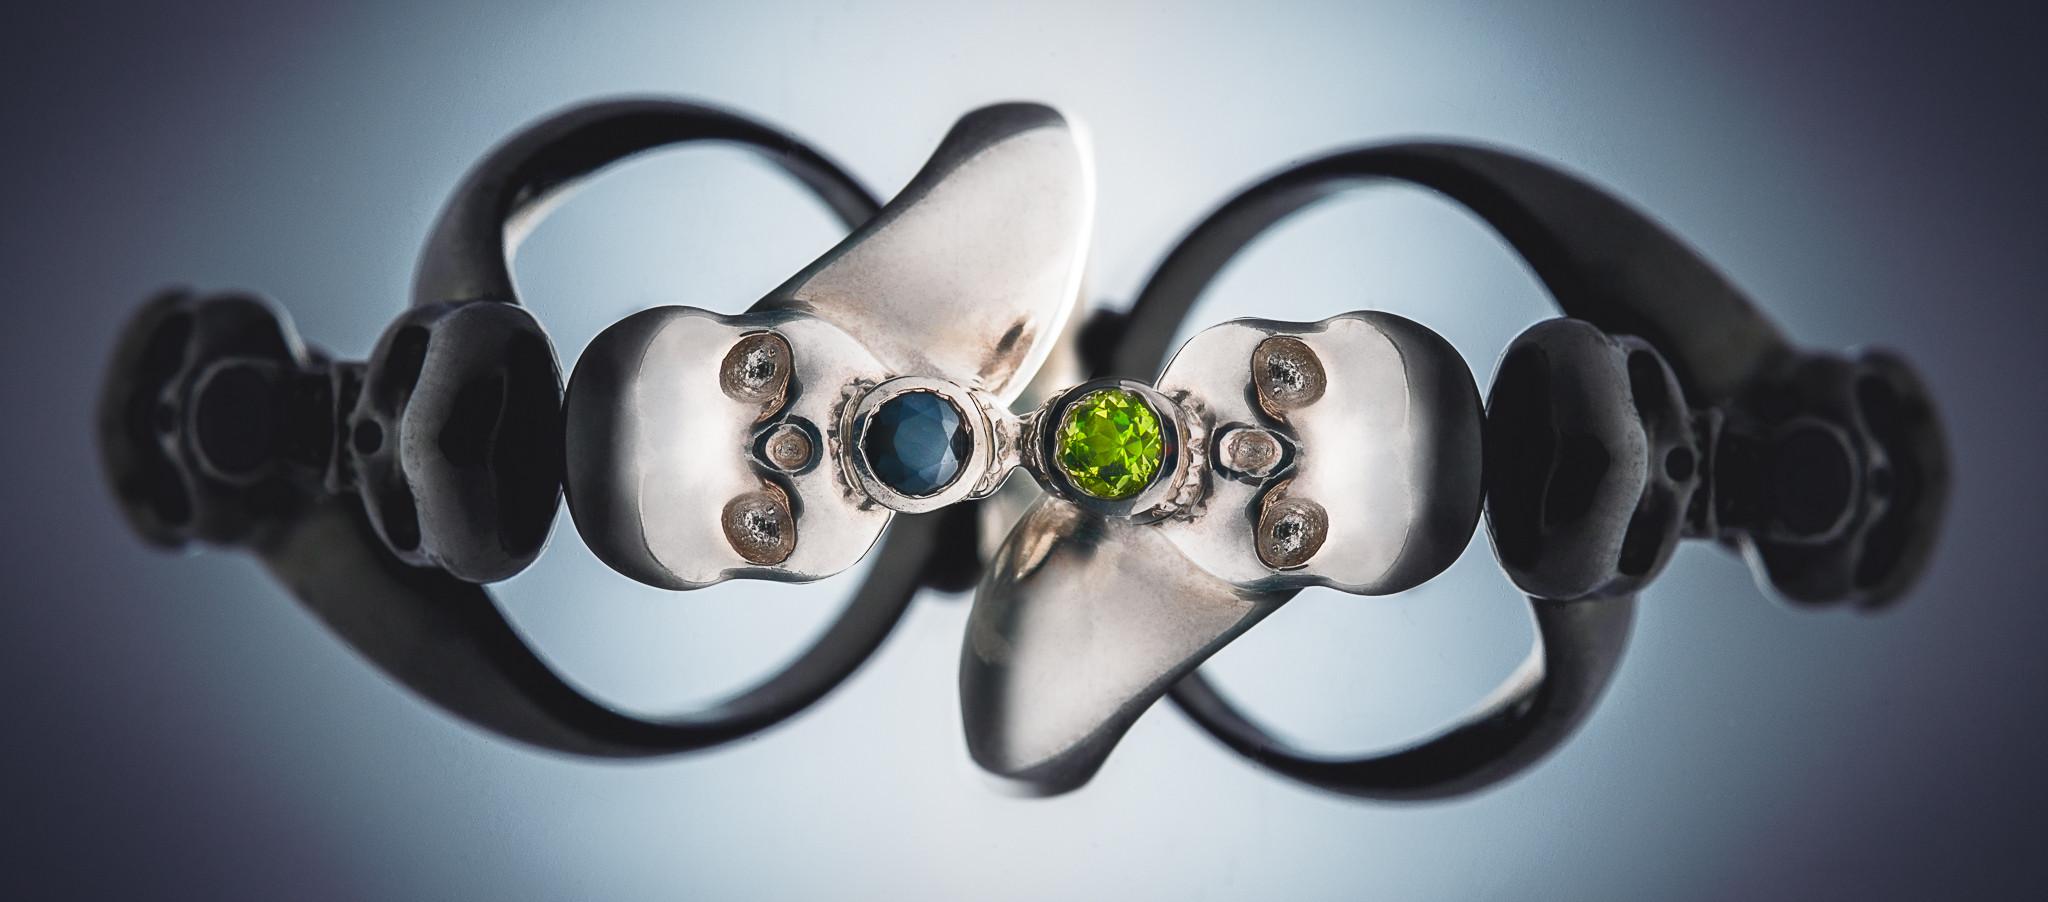 kils jewelry june 2020-236-Edit.jpg